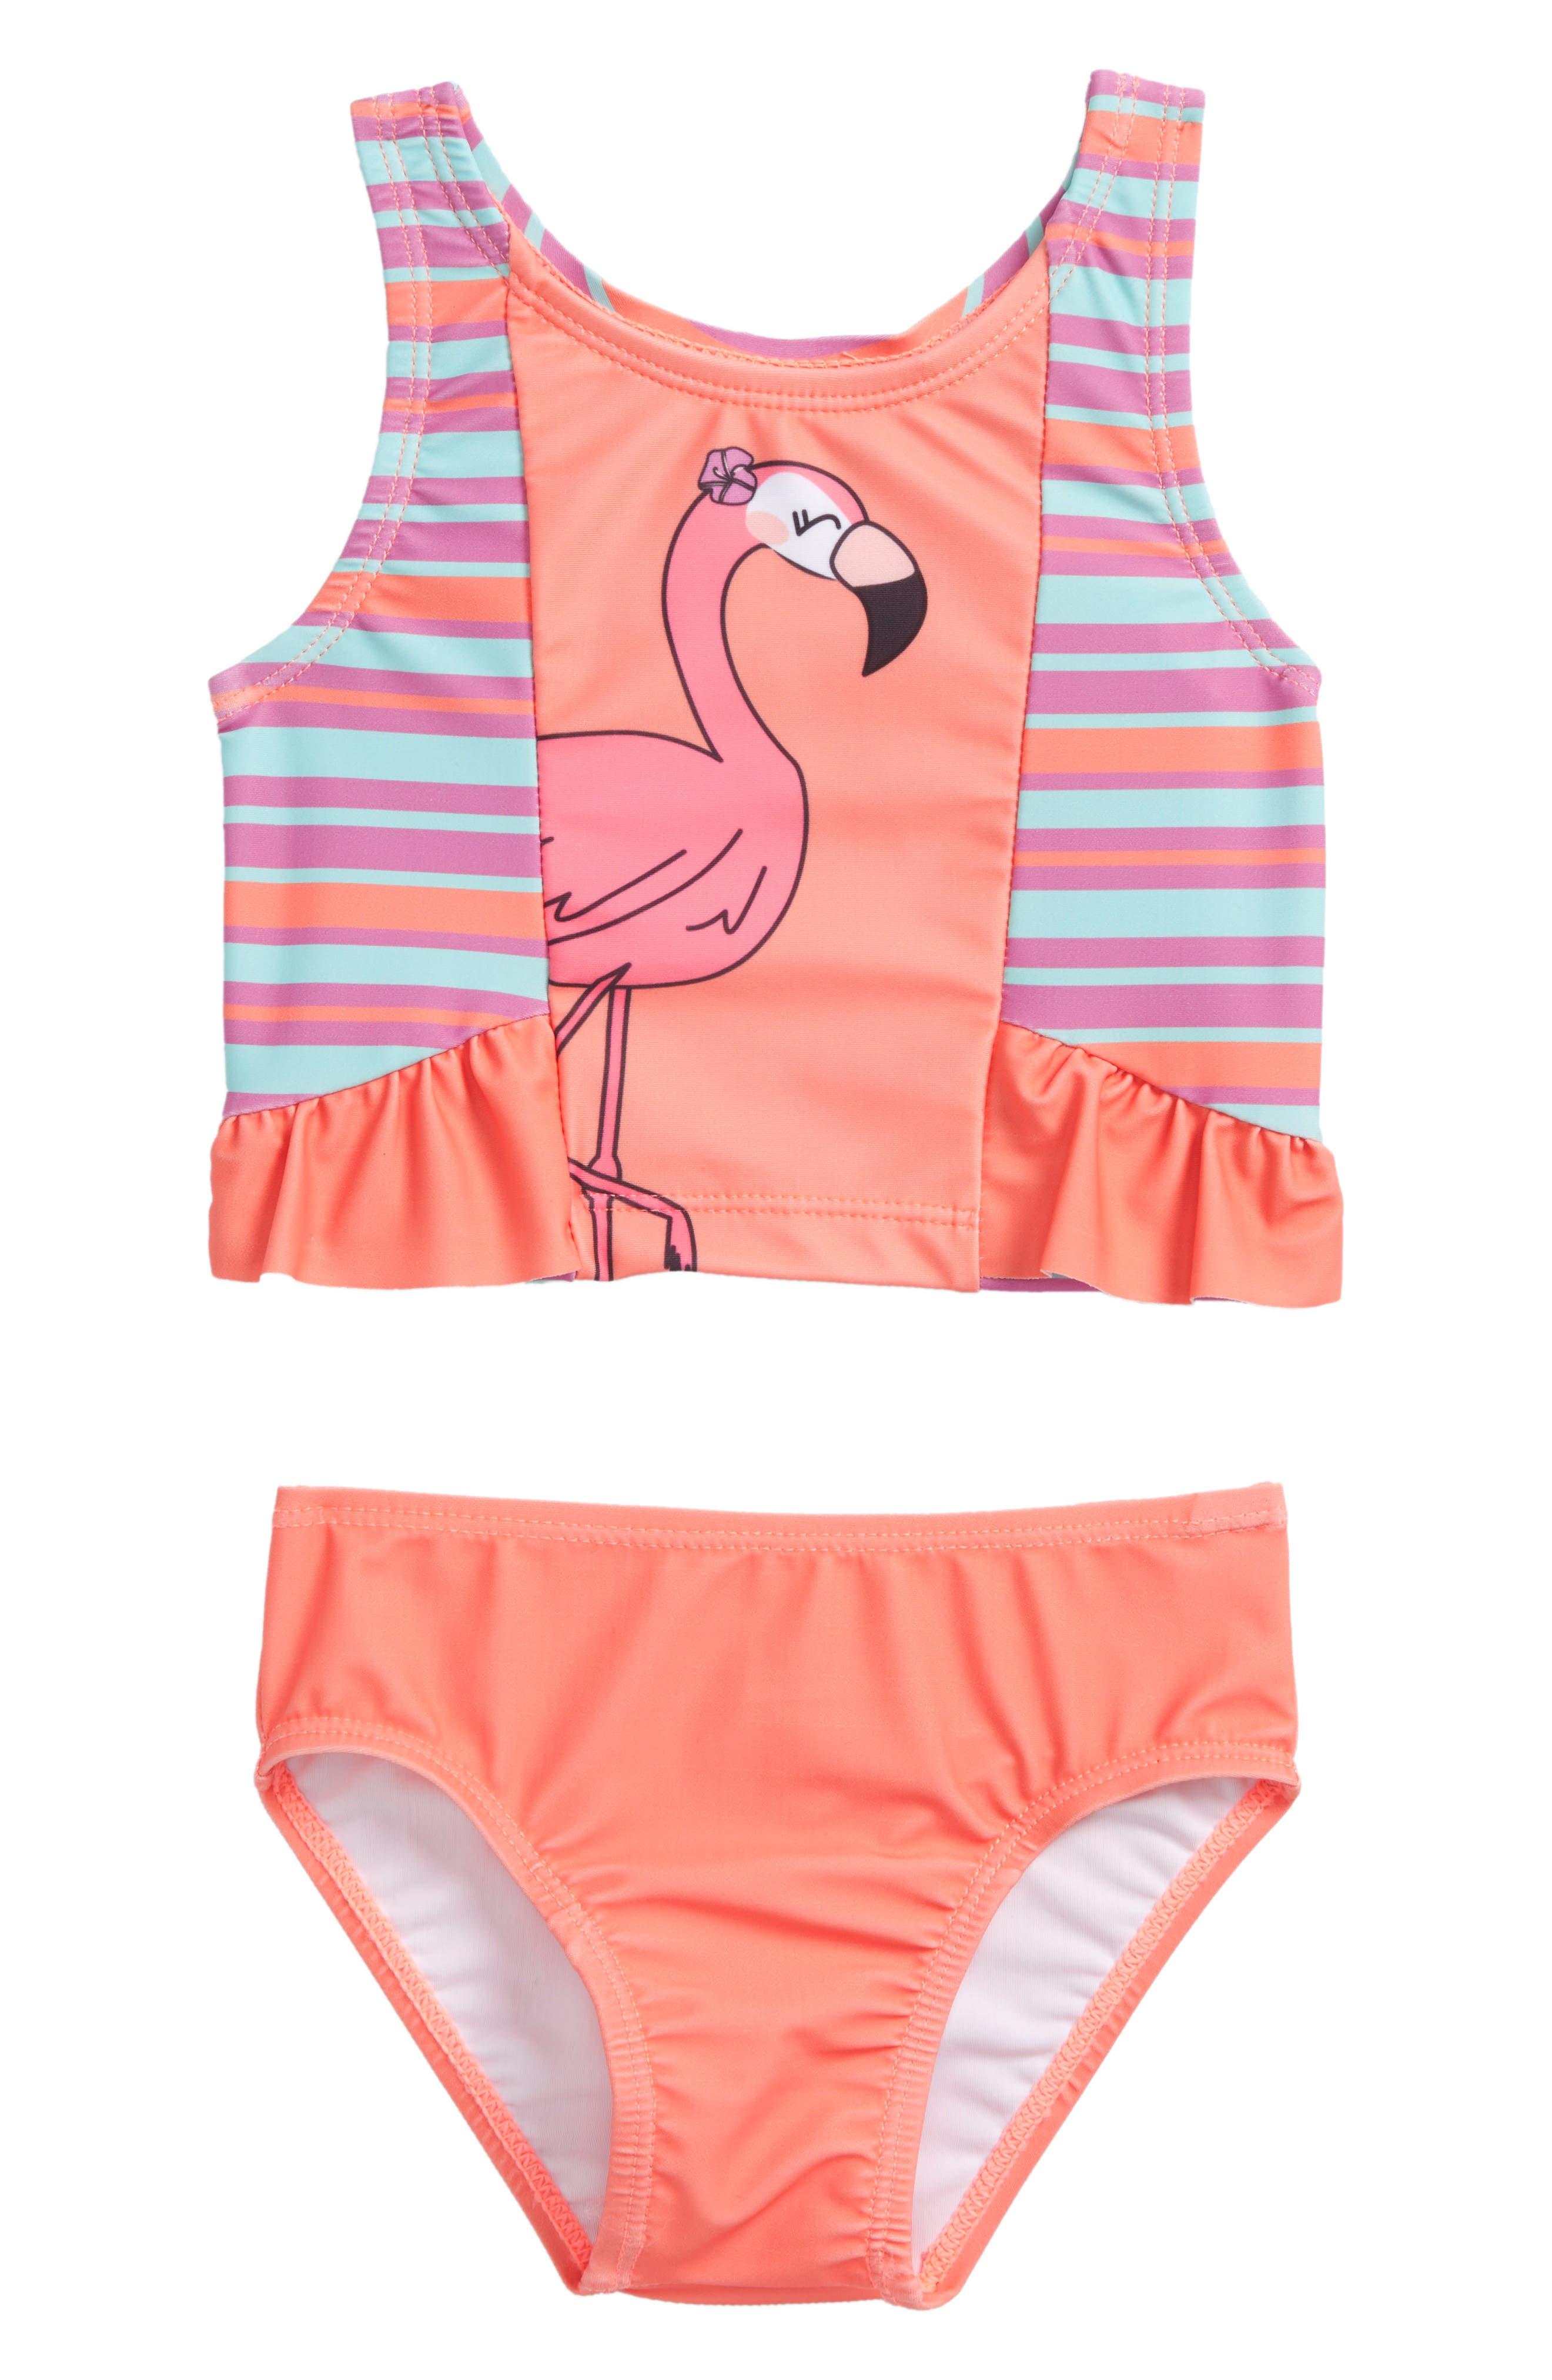 Flamingo Two-Piece Swimsuit,                             Main thumbnail 1, color,                             950